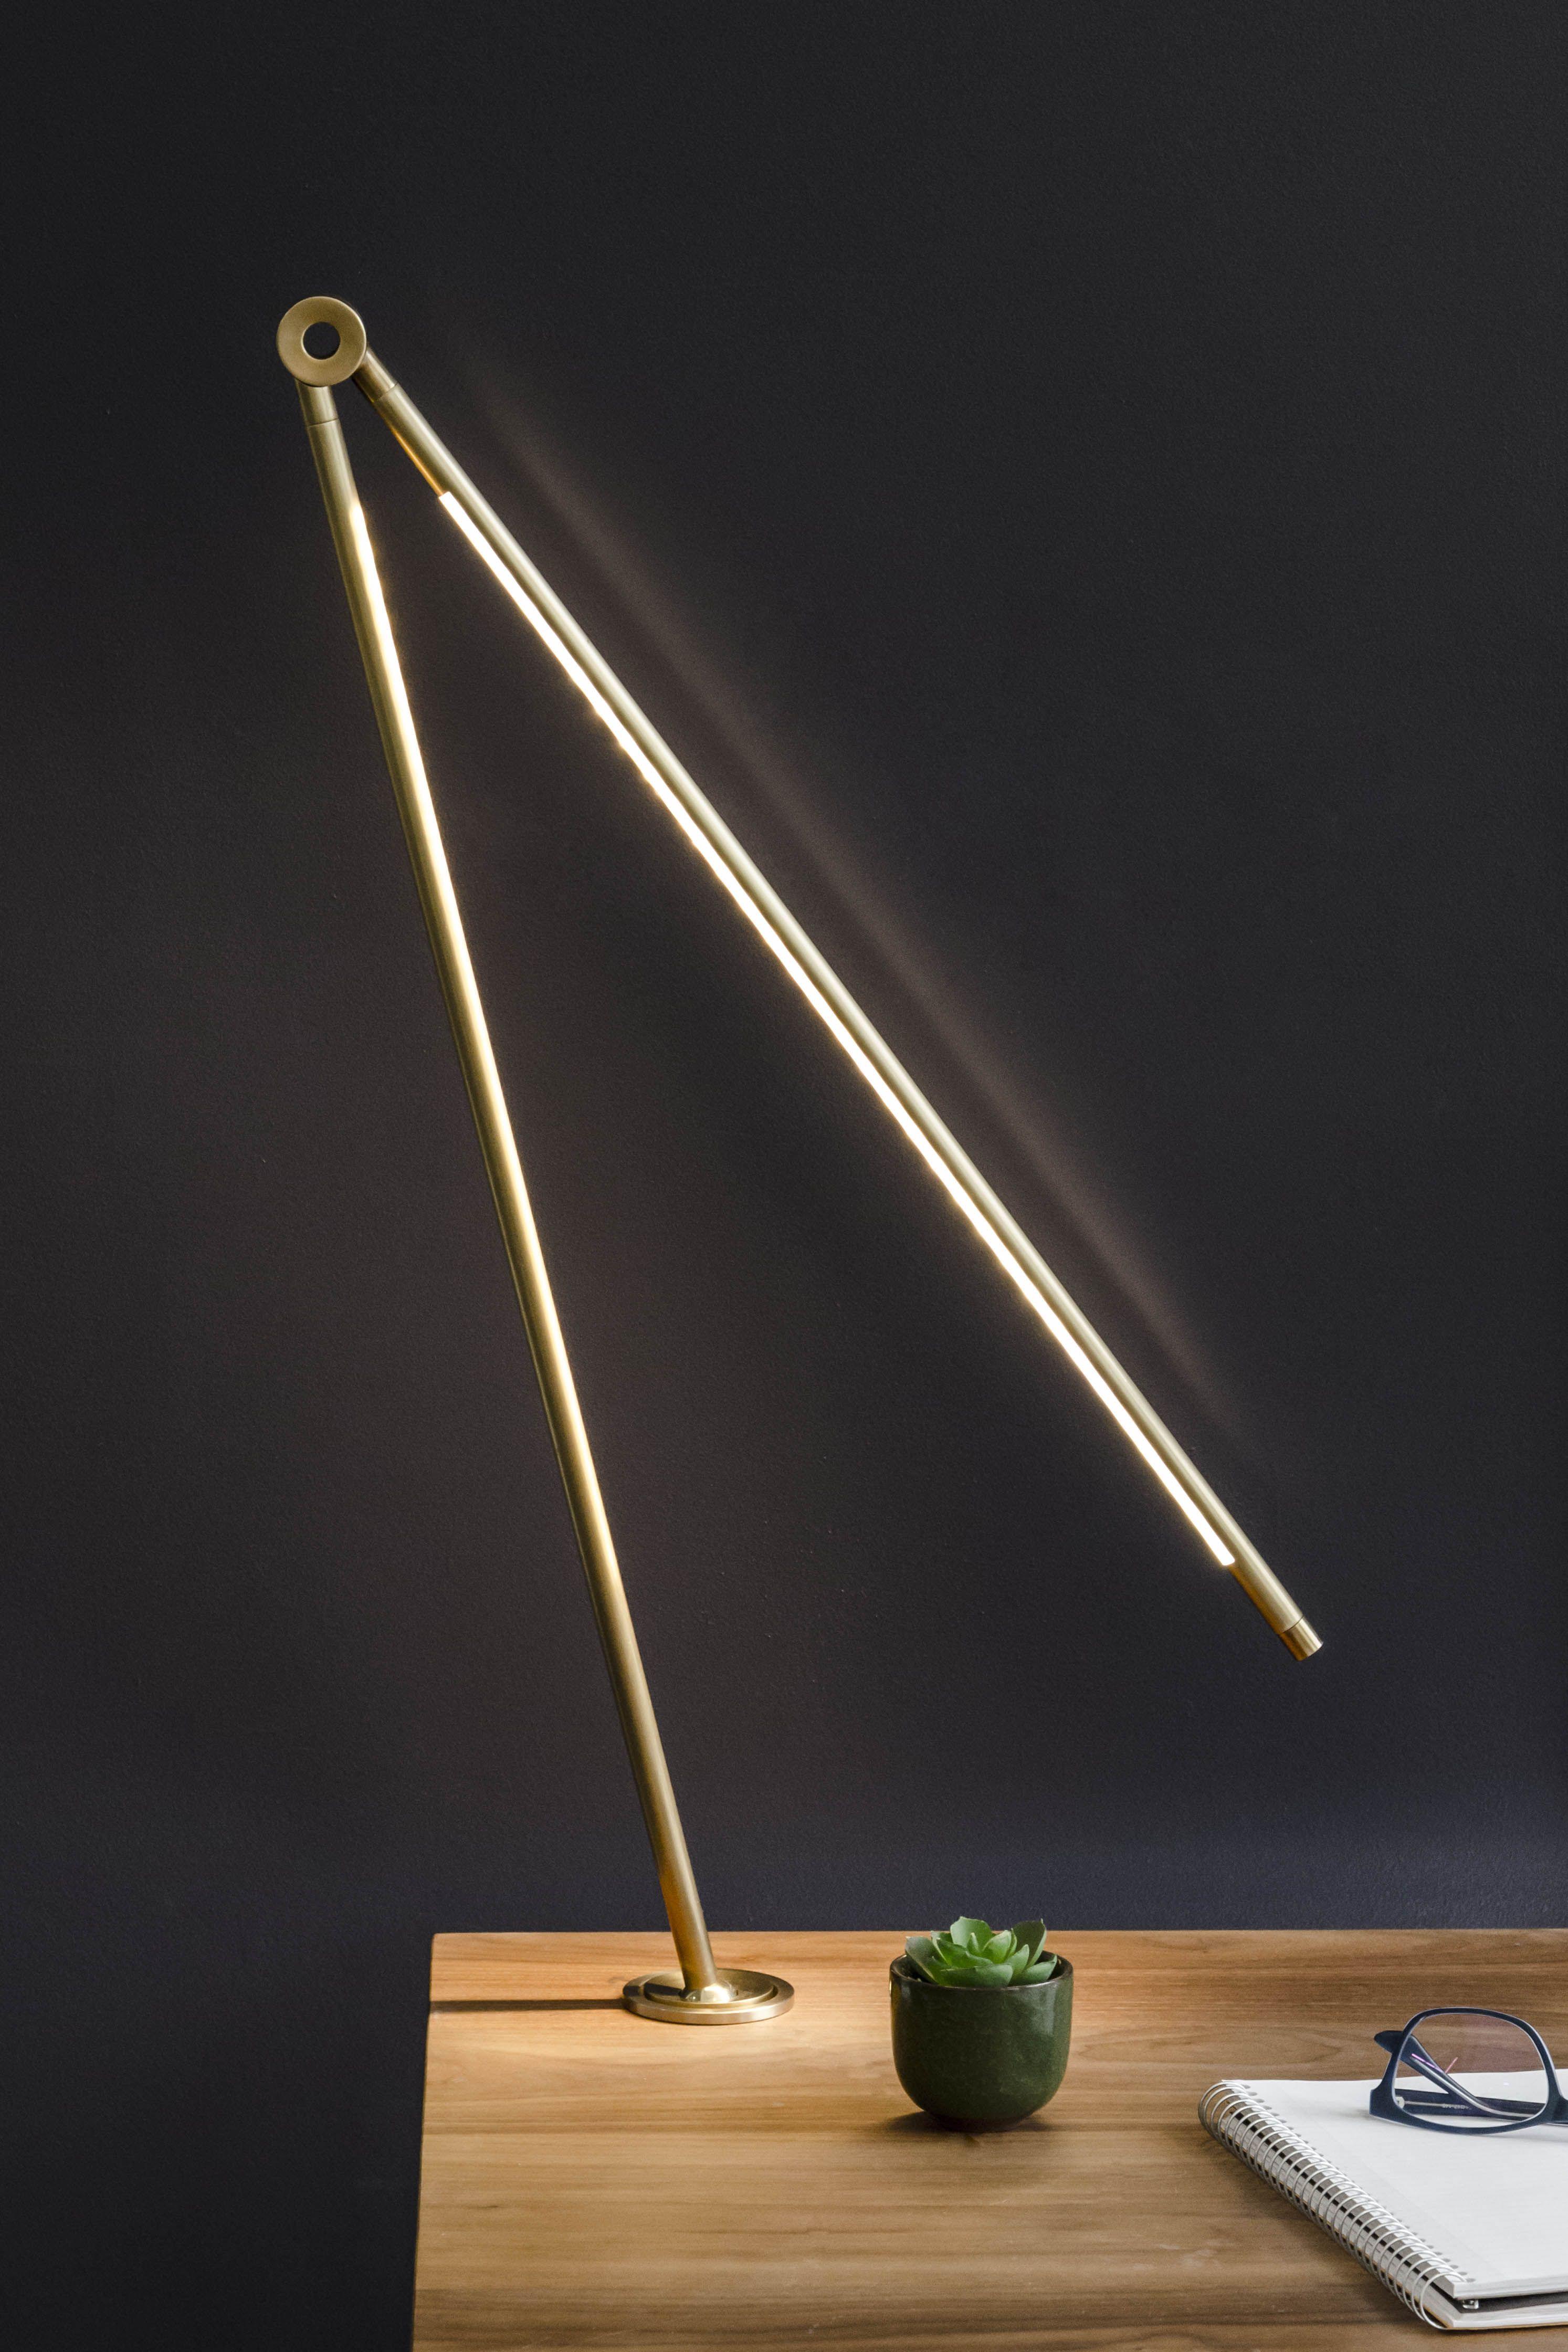 Thin Task Lamp Desk Inset Task Lamps Task Lamp Desk Office Lamp